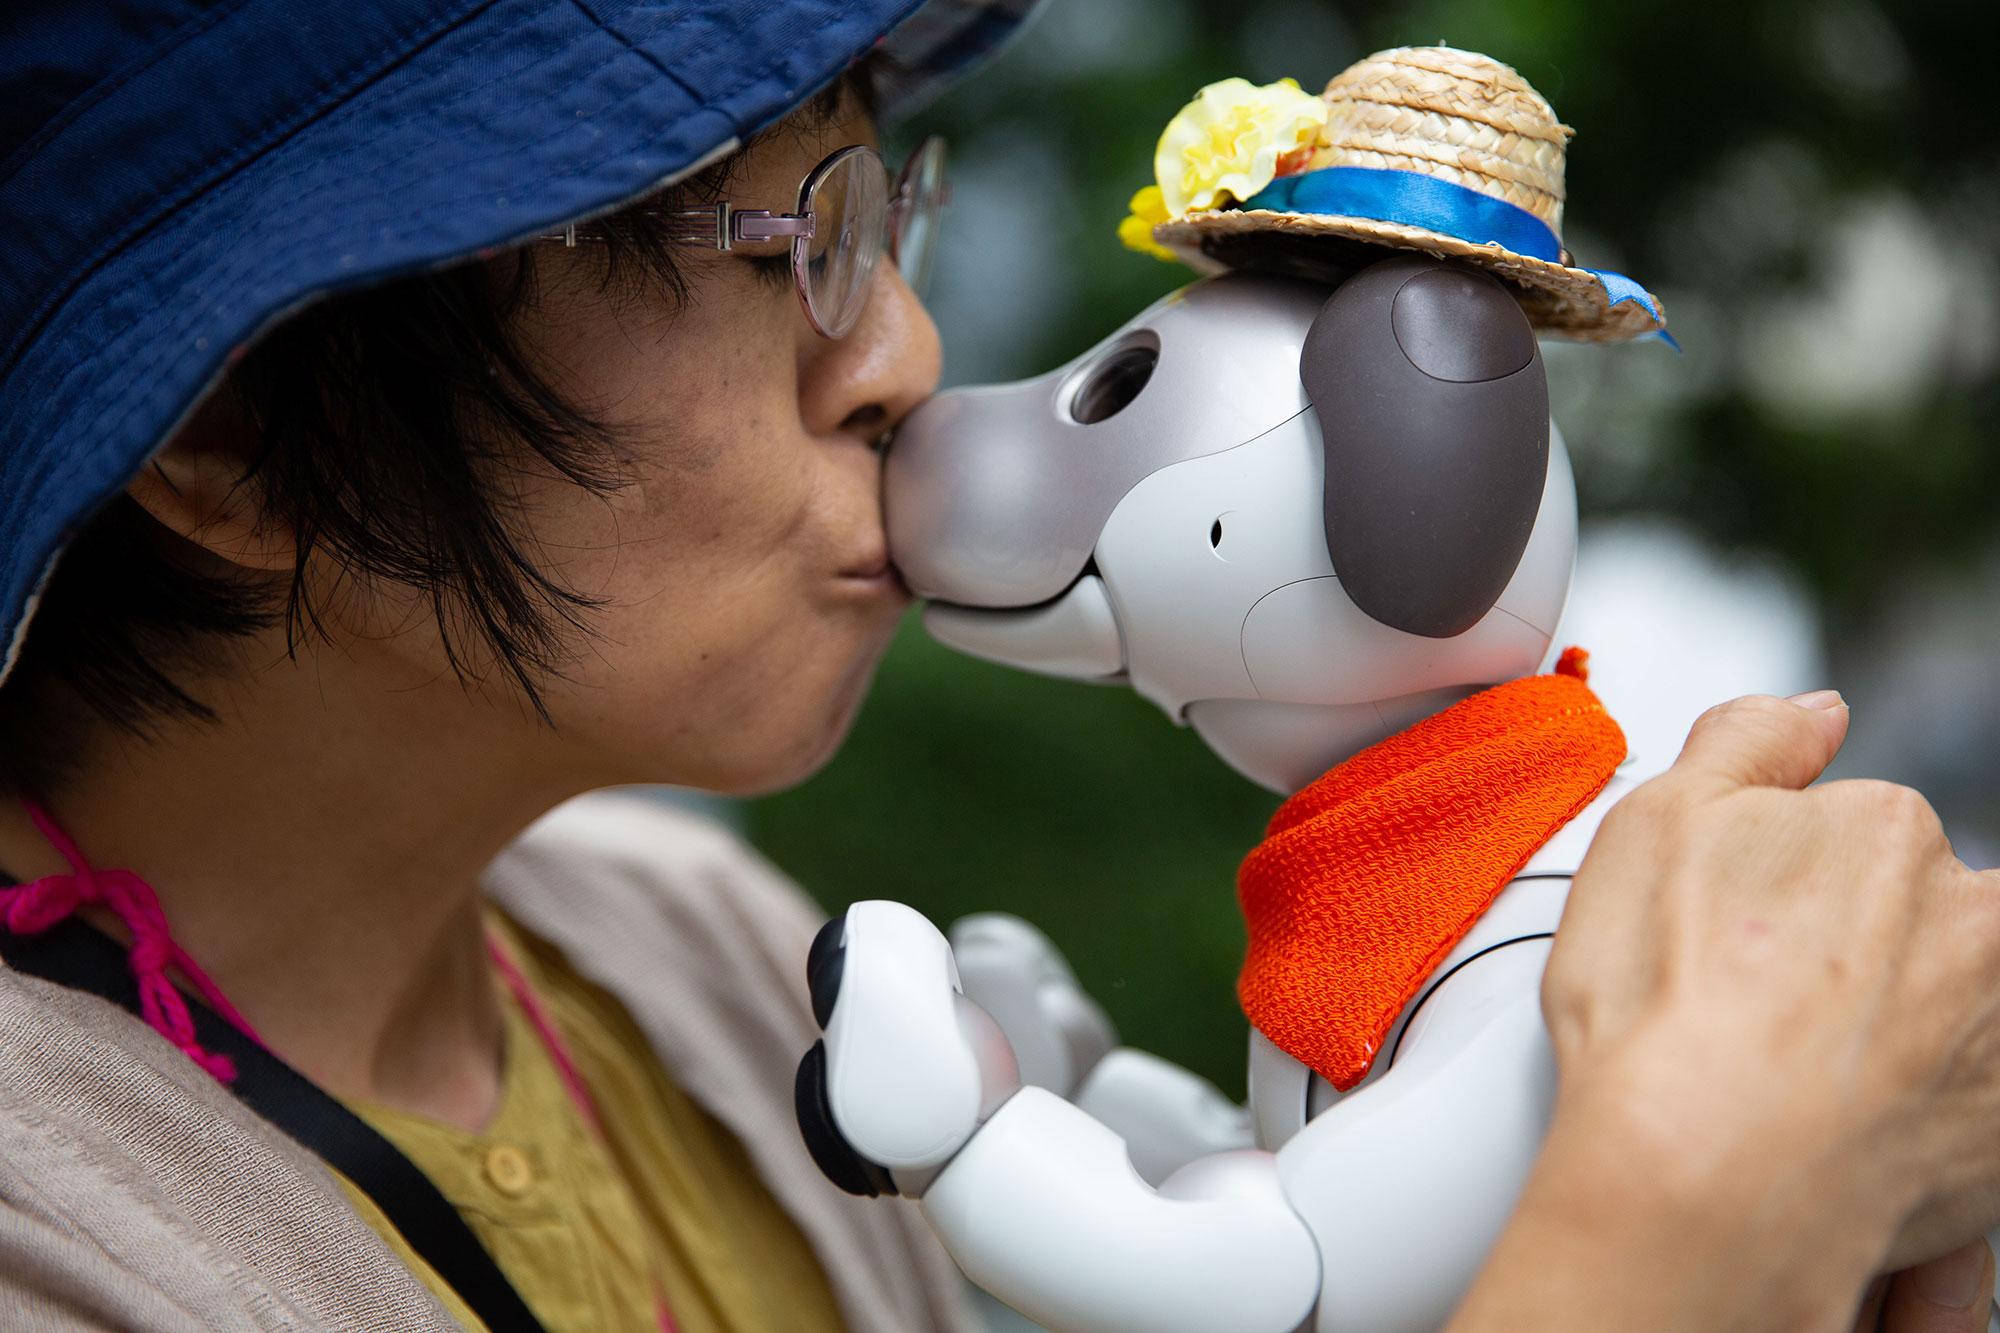 Nhiều người yêu động vật chuyển sang nuôi thú robot vì không chịu nổi nỗi đau khi chứng kiến thú cưng (bằng xương thịt) qua đời. Ảnh: